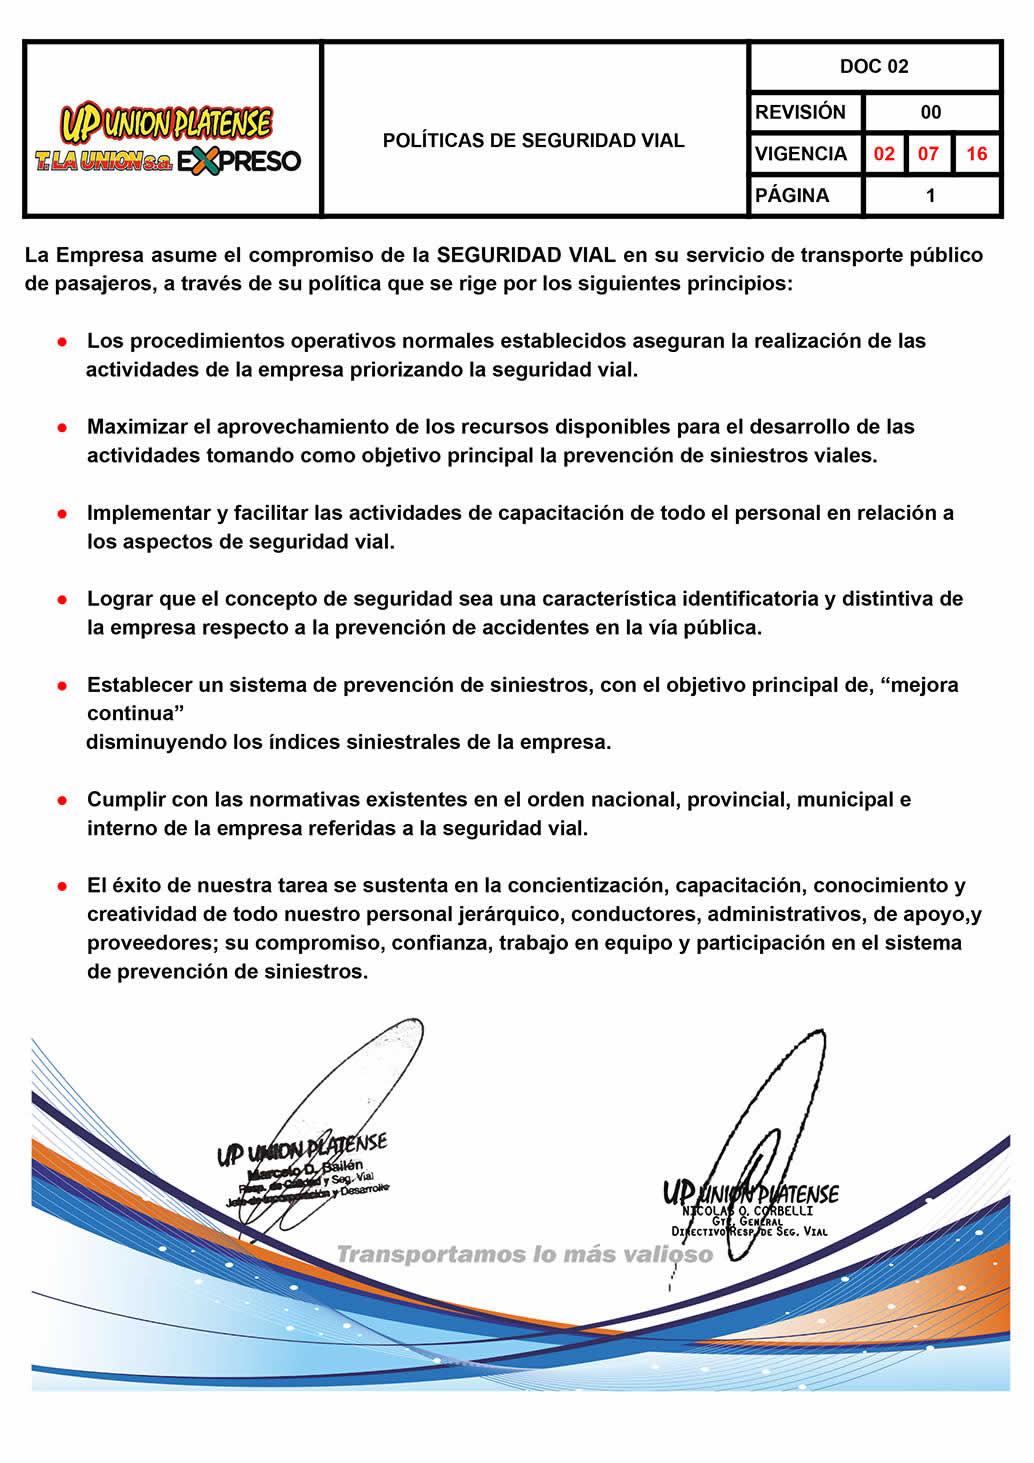 DOC 02 - POLÍTICAS DE SEGURIDAD VIAL